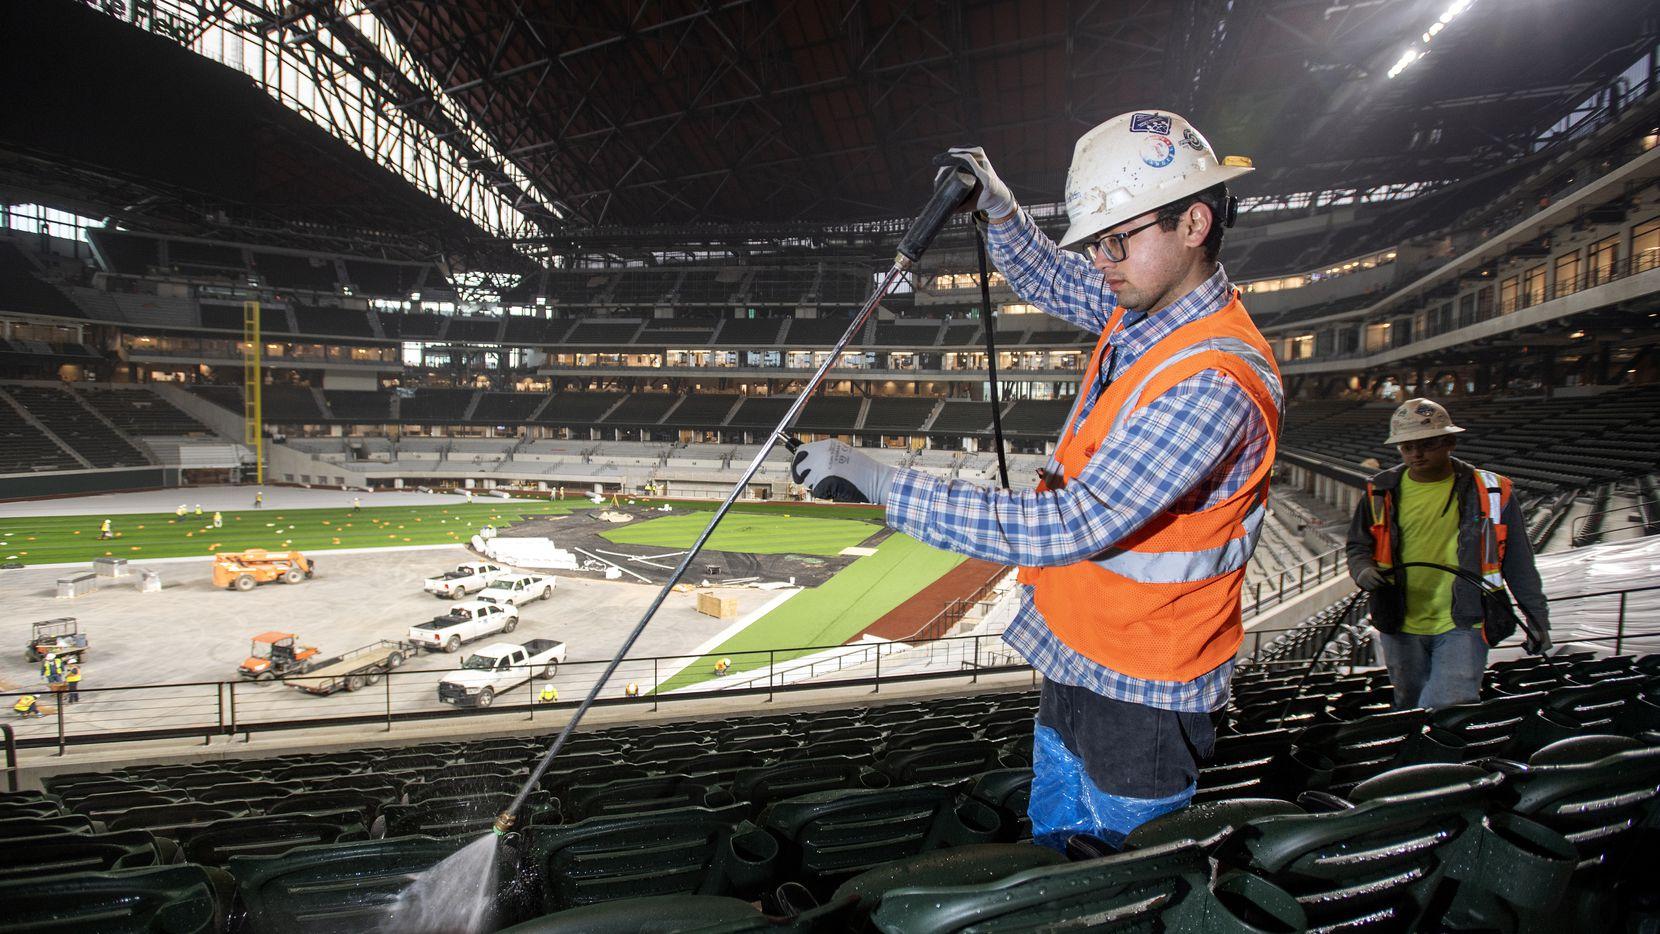 Cristian Zetino, de 22 años, limpia con una manguera a presión los asientos ya colocados dentro del Globe Life Field  de Arlington, la nueva casa de los Texas Rangers. Al fondo se ve a José Zetino, de 23 años, hermano de Cristian.